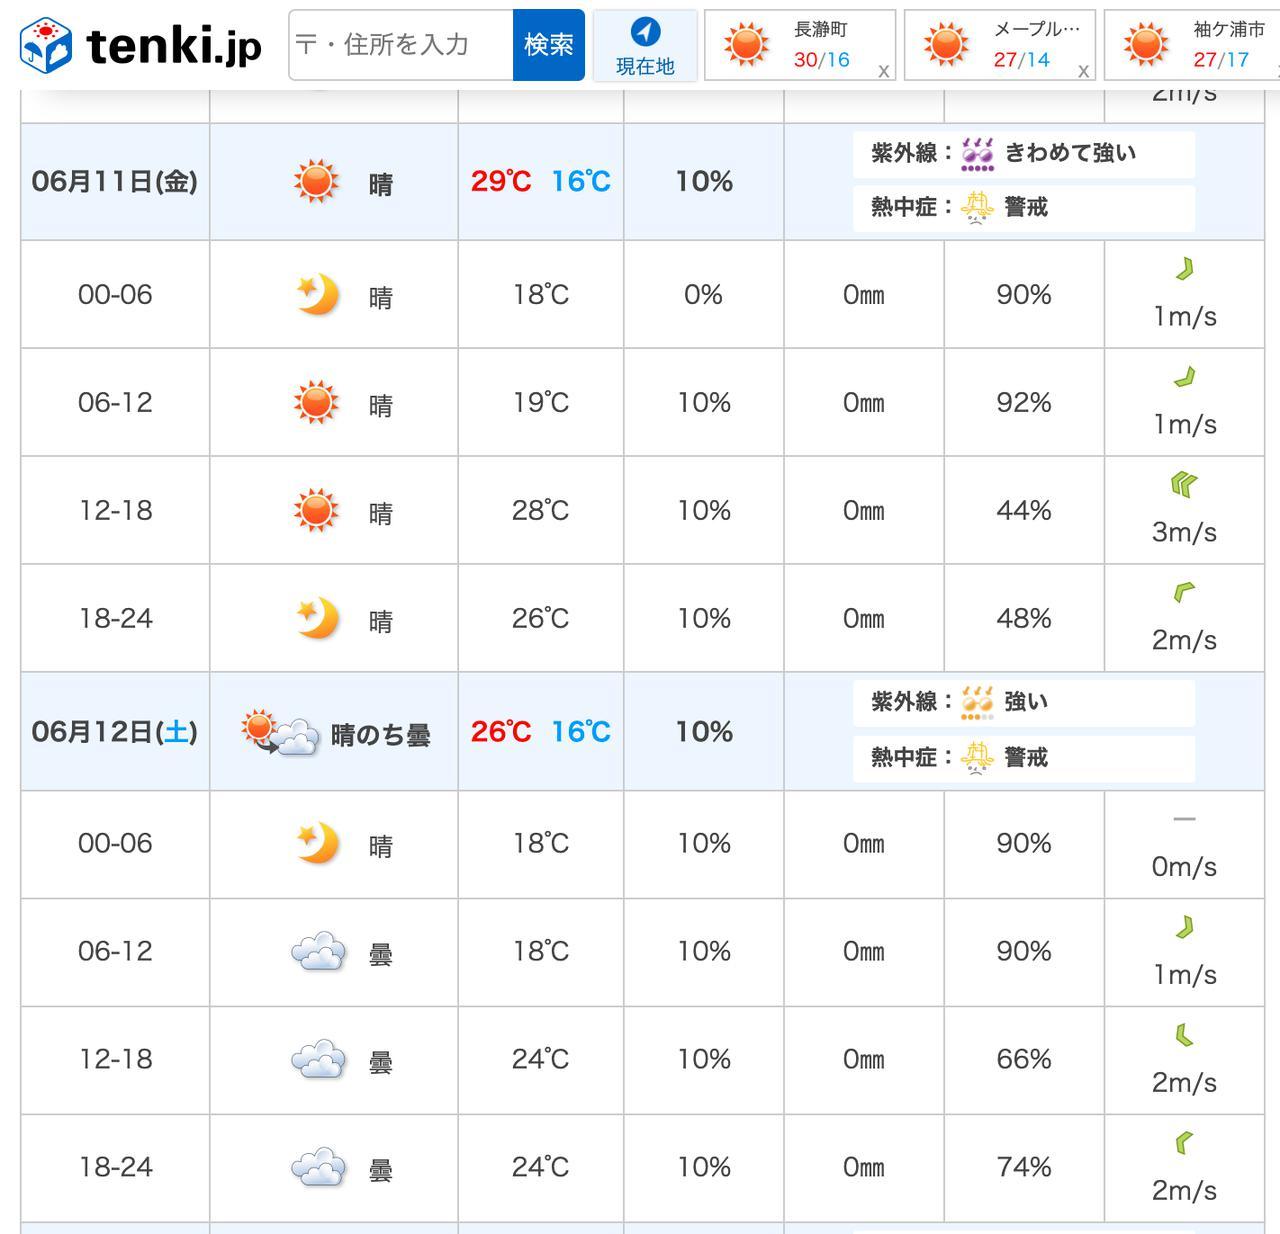 画像: tenki.jpが10日前から発表する6時間毎の天気予報